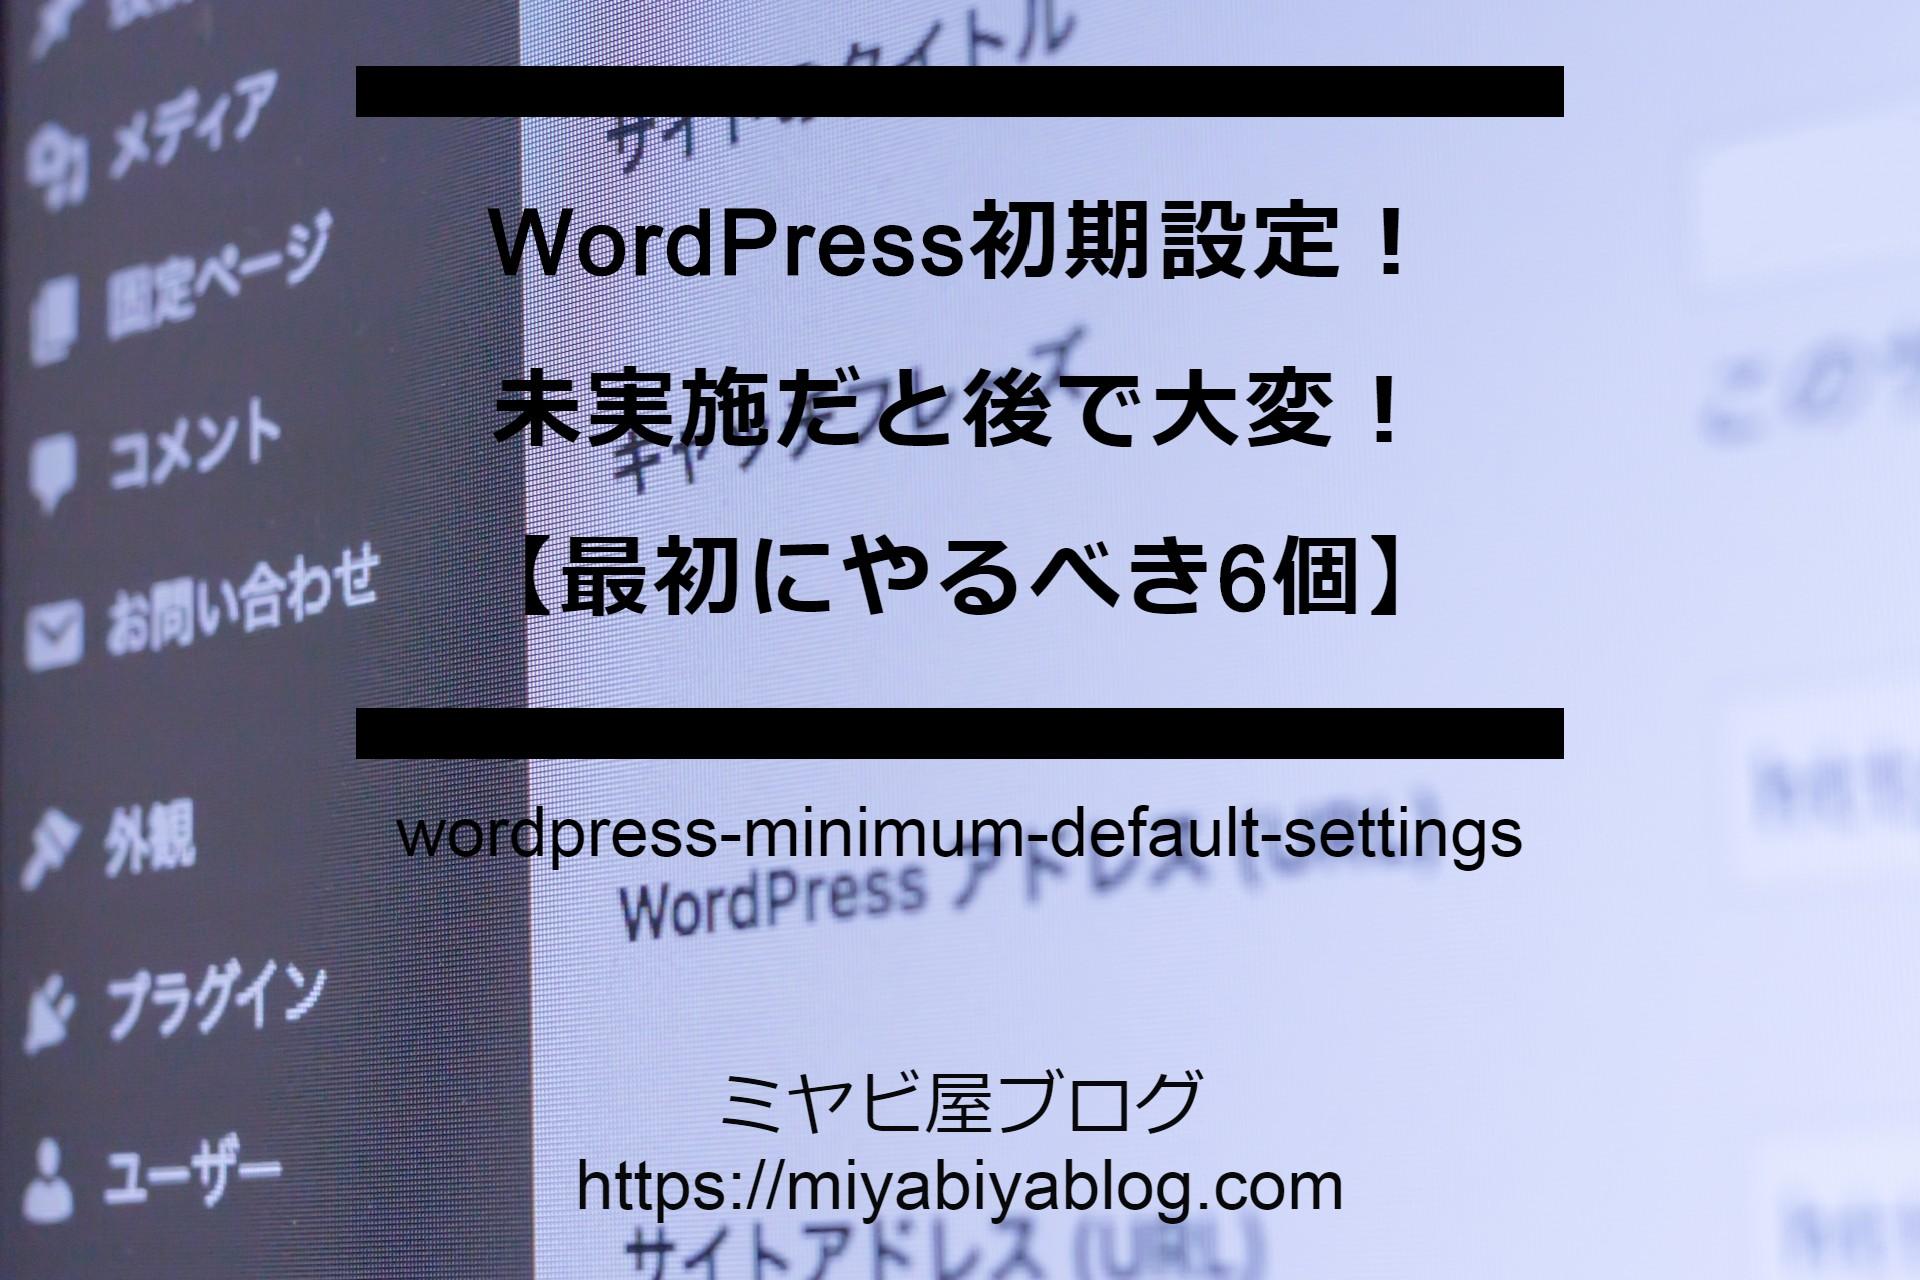 WordPress初期設定!未実施だと後で大変!【最初にやるべき6個】のイメージ画像。